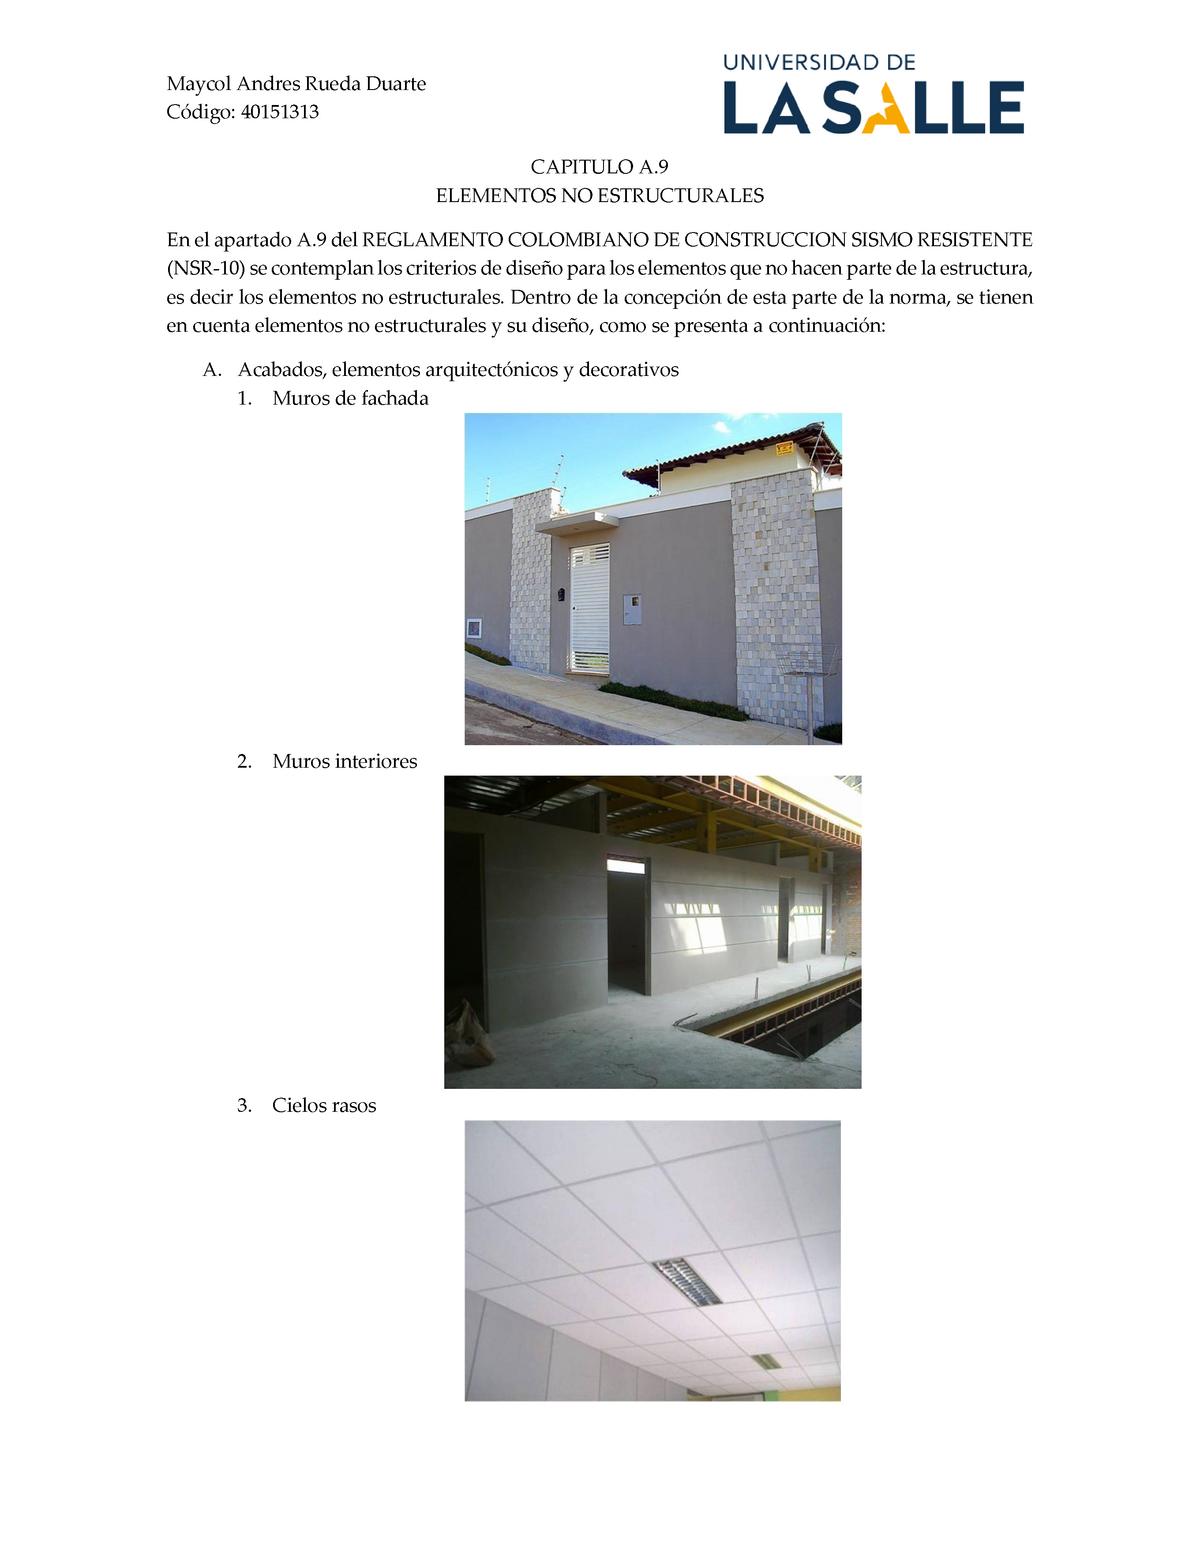 Elementos No Estructurales Diseño Estructural Unisalle